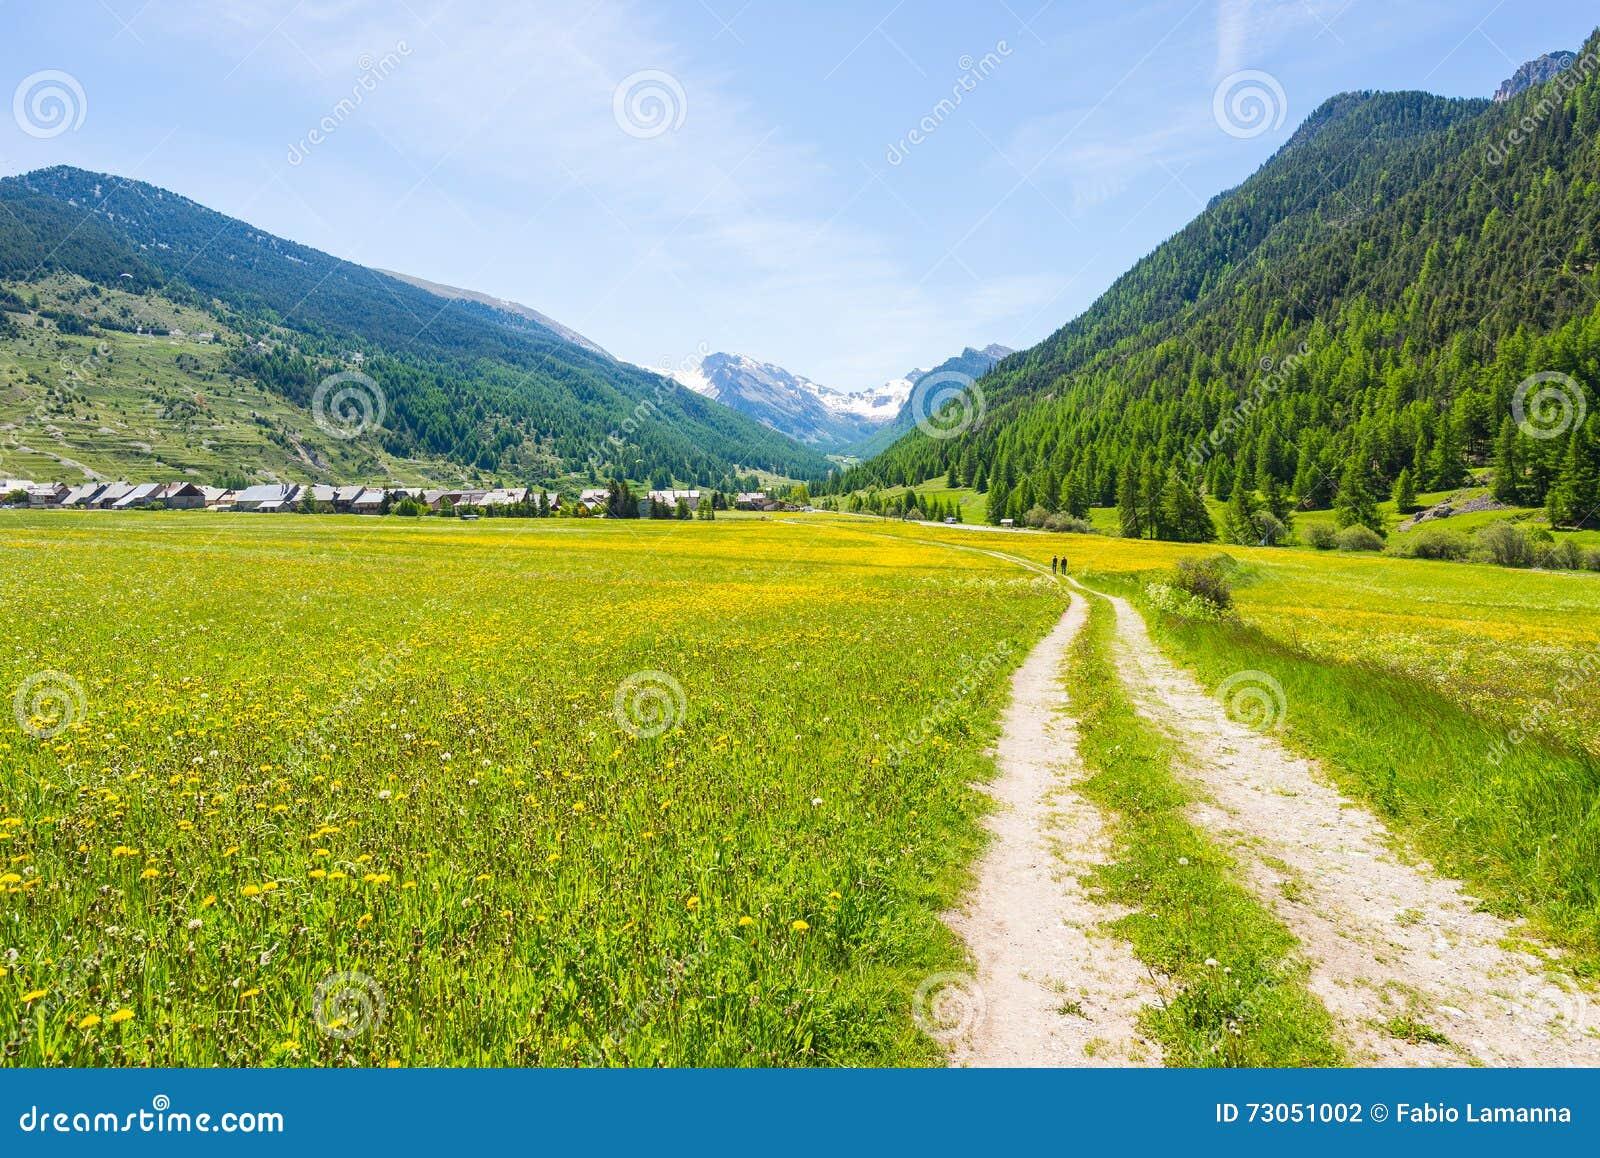 Brud wiejska droga krzyżuje kwiaciaste łąki, góry i las w, scenicznym wysokogórskim krajobrazie i markotnym niebie Lato przygoda